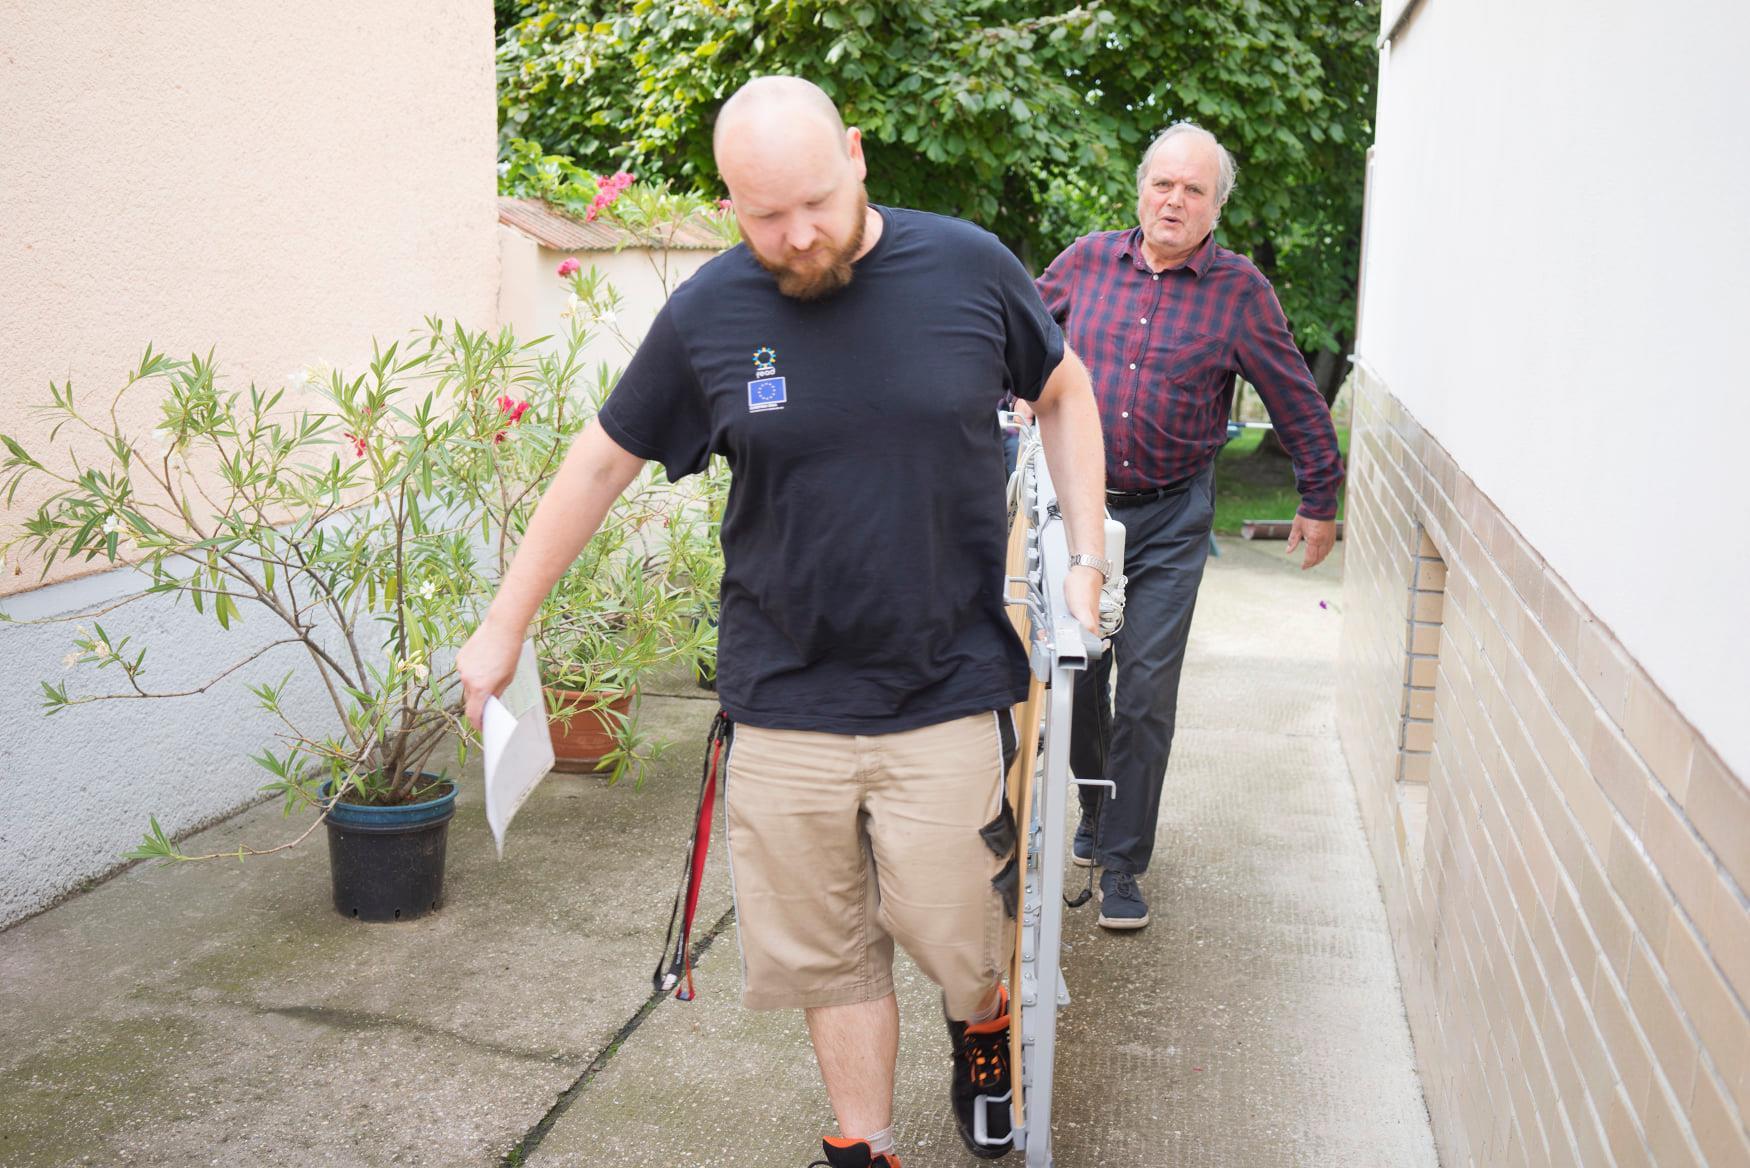 Kolega Martin (vpredu) vyzdvihuje posteľ od klienta. Zdravotnícke pomôcky privezieme na dodávke priamo k žiadateľovi a keď splnia svoje poslanie, prídeme po ne.